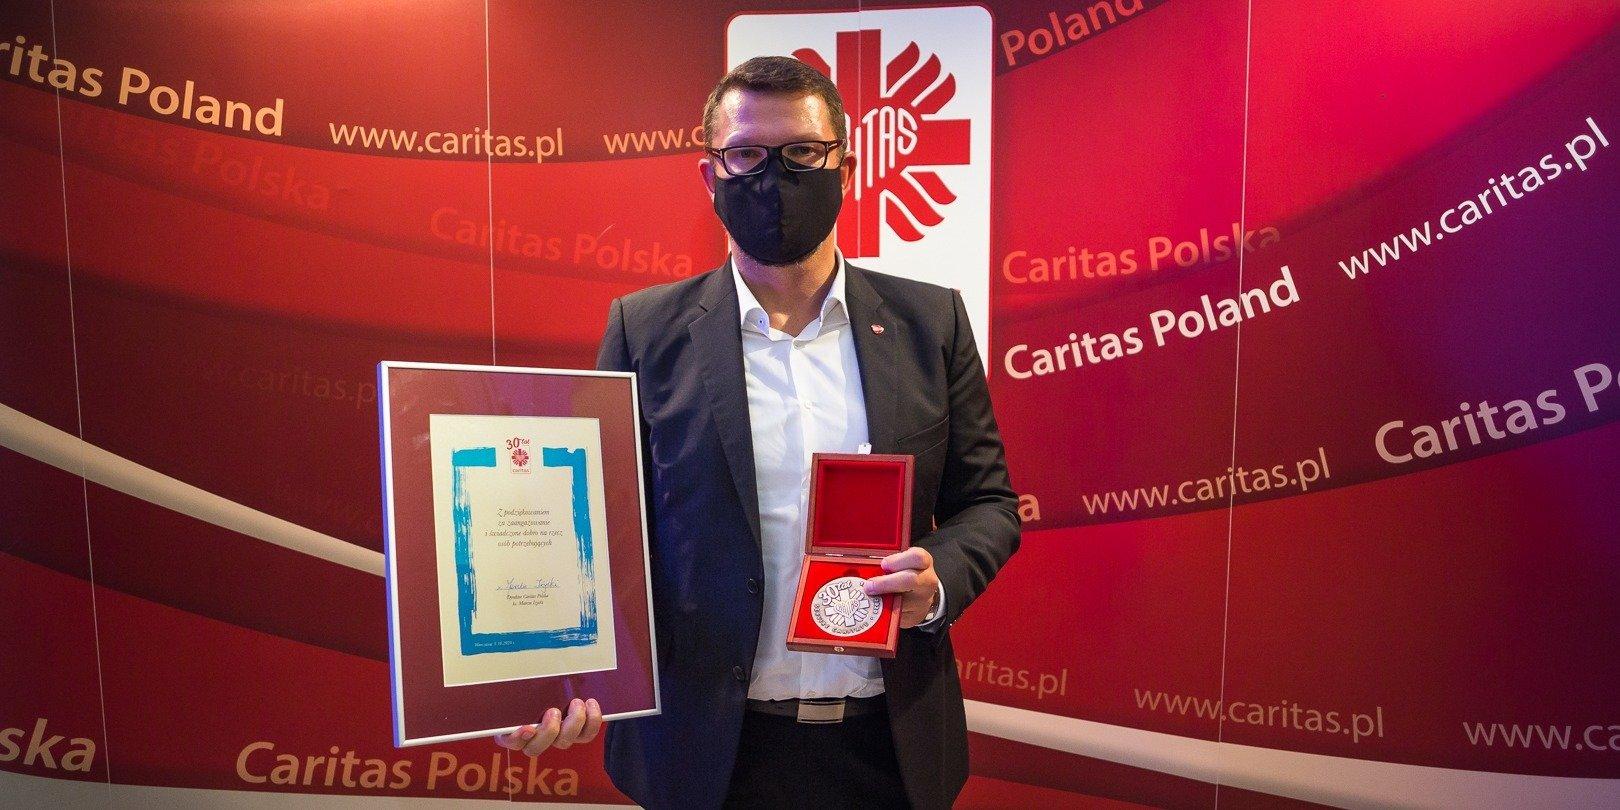 Selgros wyróżniony medalem za wieloletnią współpracę z Caritas Polska